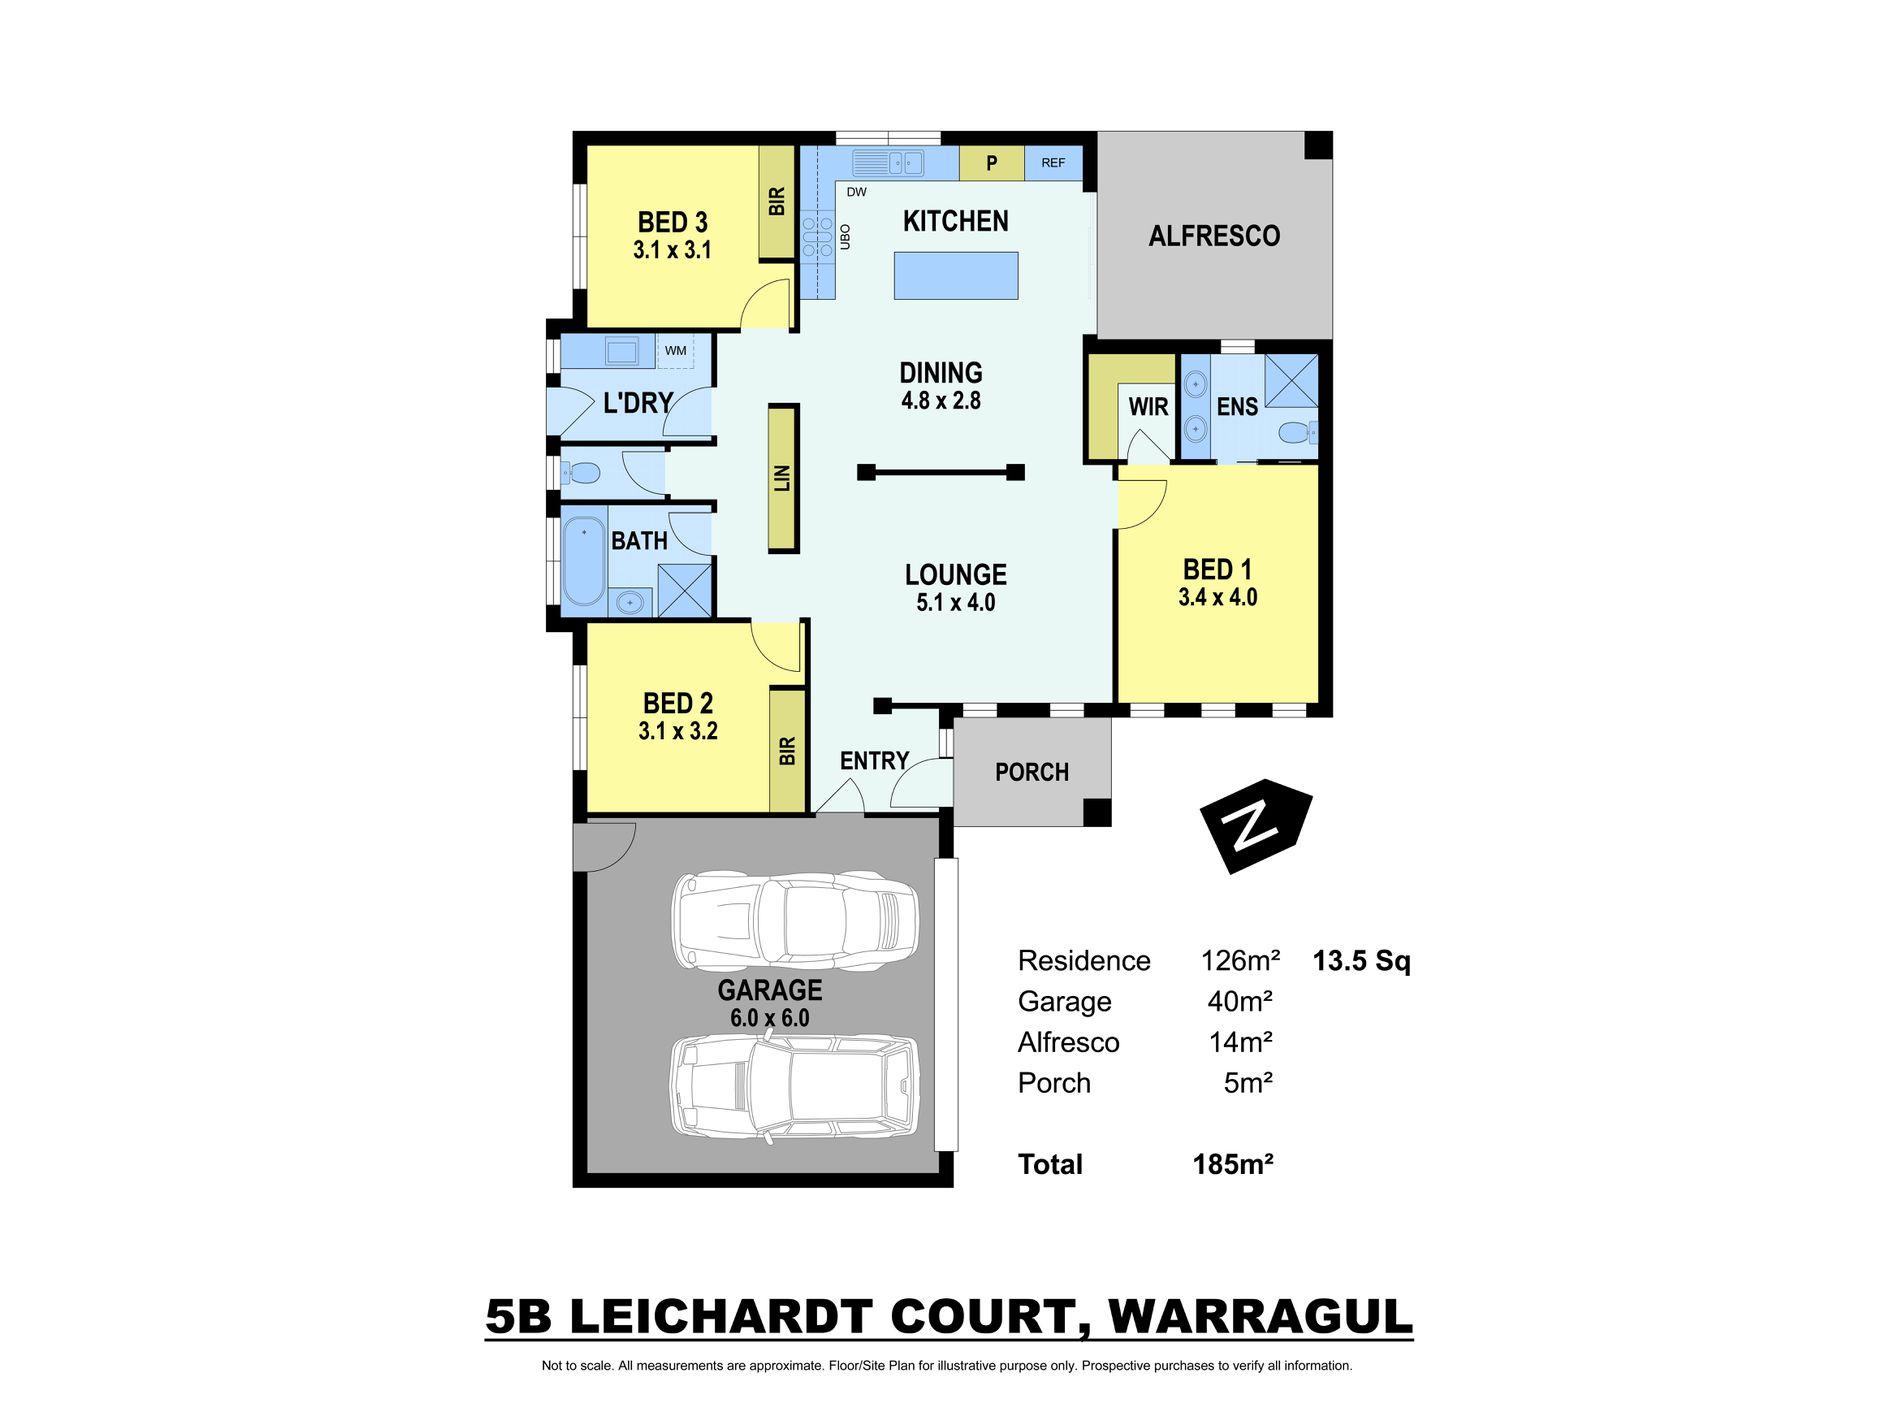 5B Leichardt Court, Warragul